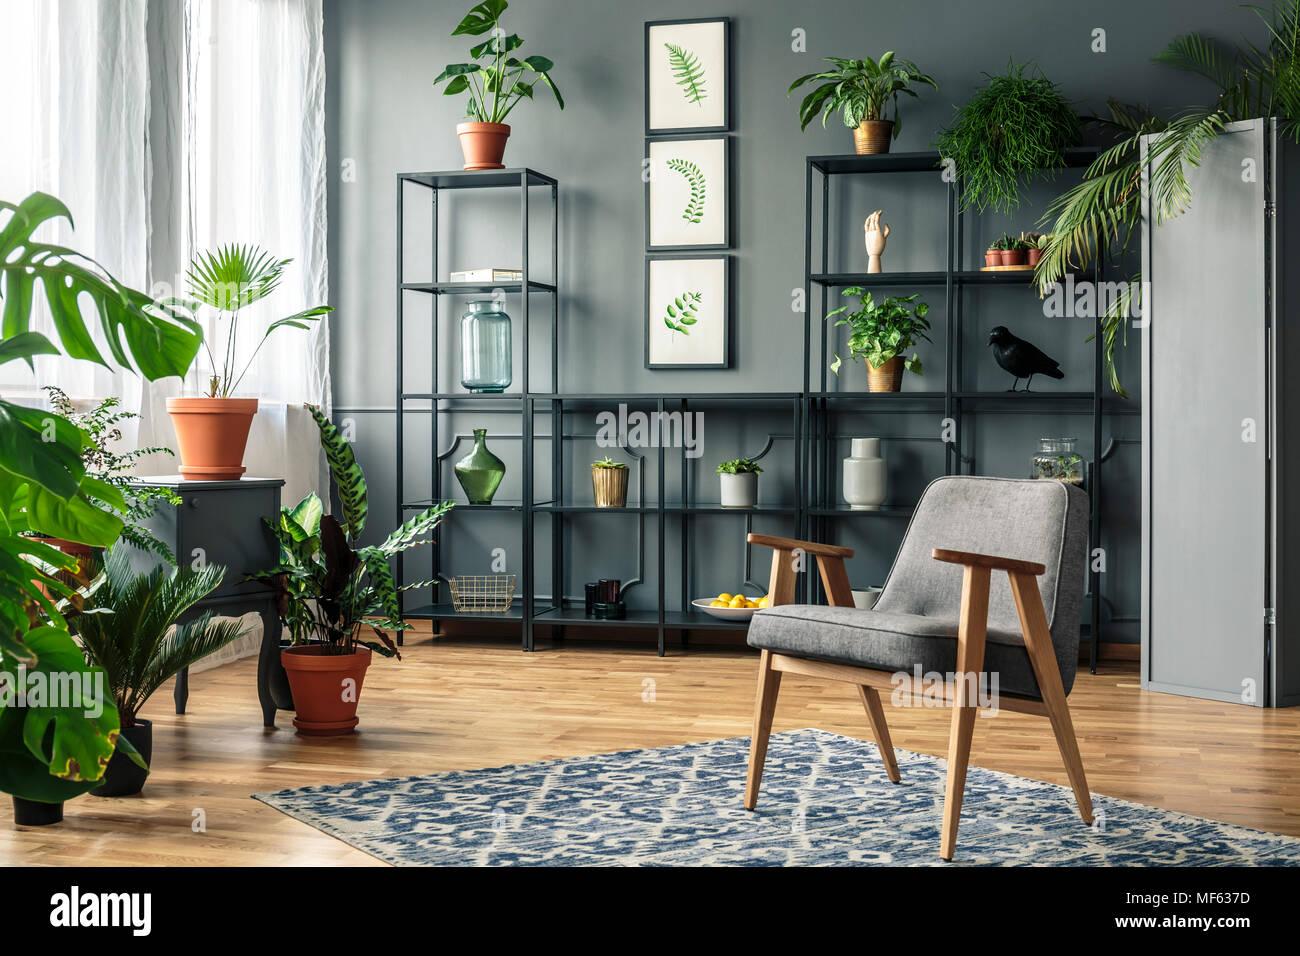 Elegante, Grau Wohnzimmer Einrichtung Mit Pflanzen Auf Metallregale Gegen  Dunkle Wand Stehend Mit Molding Hinter Einem Vintage Sessel